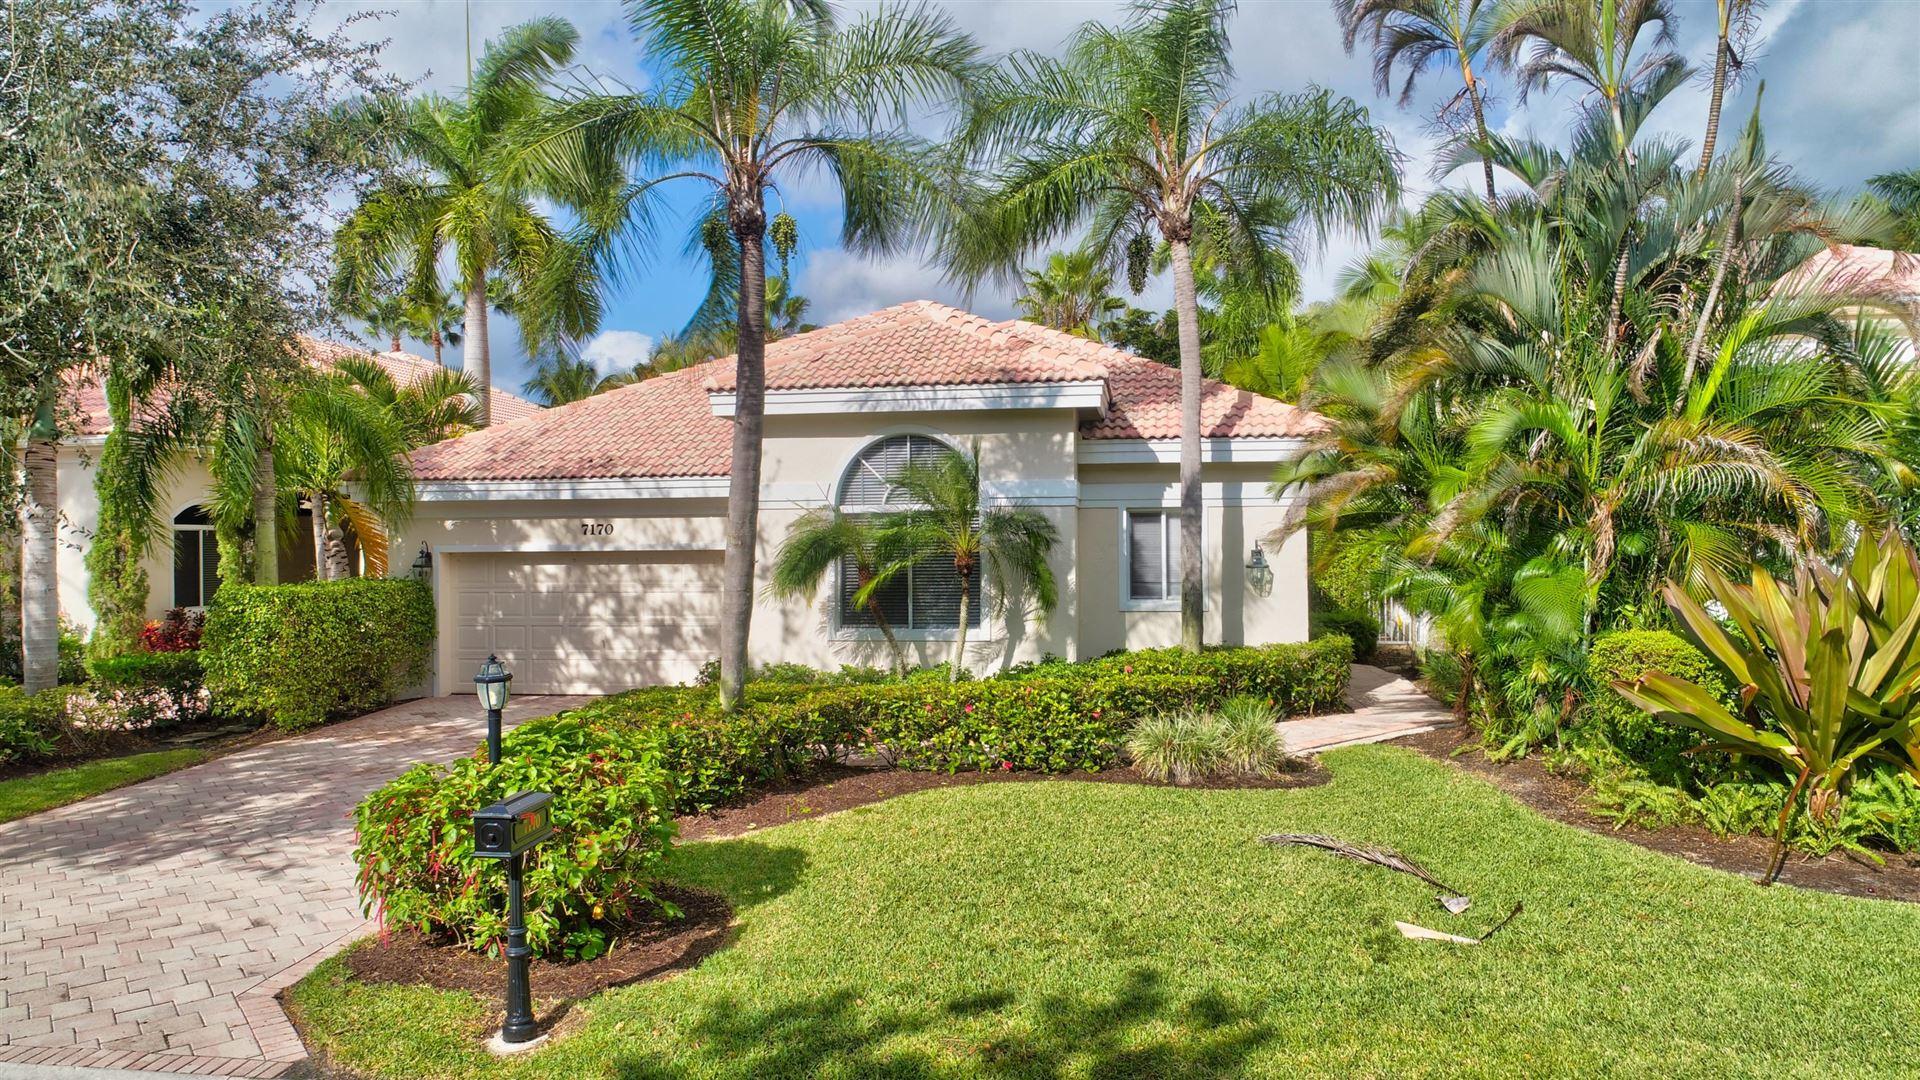 7170 Mallorca Crescent, Boca Raton, FL 33433 - #: RX-10572614